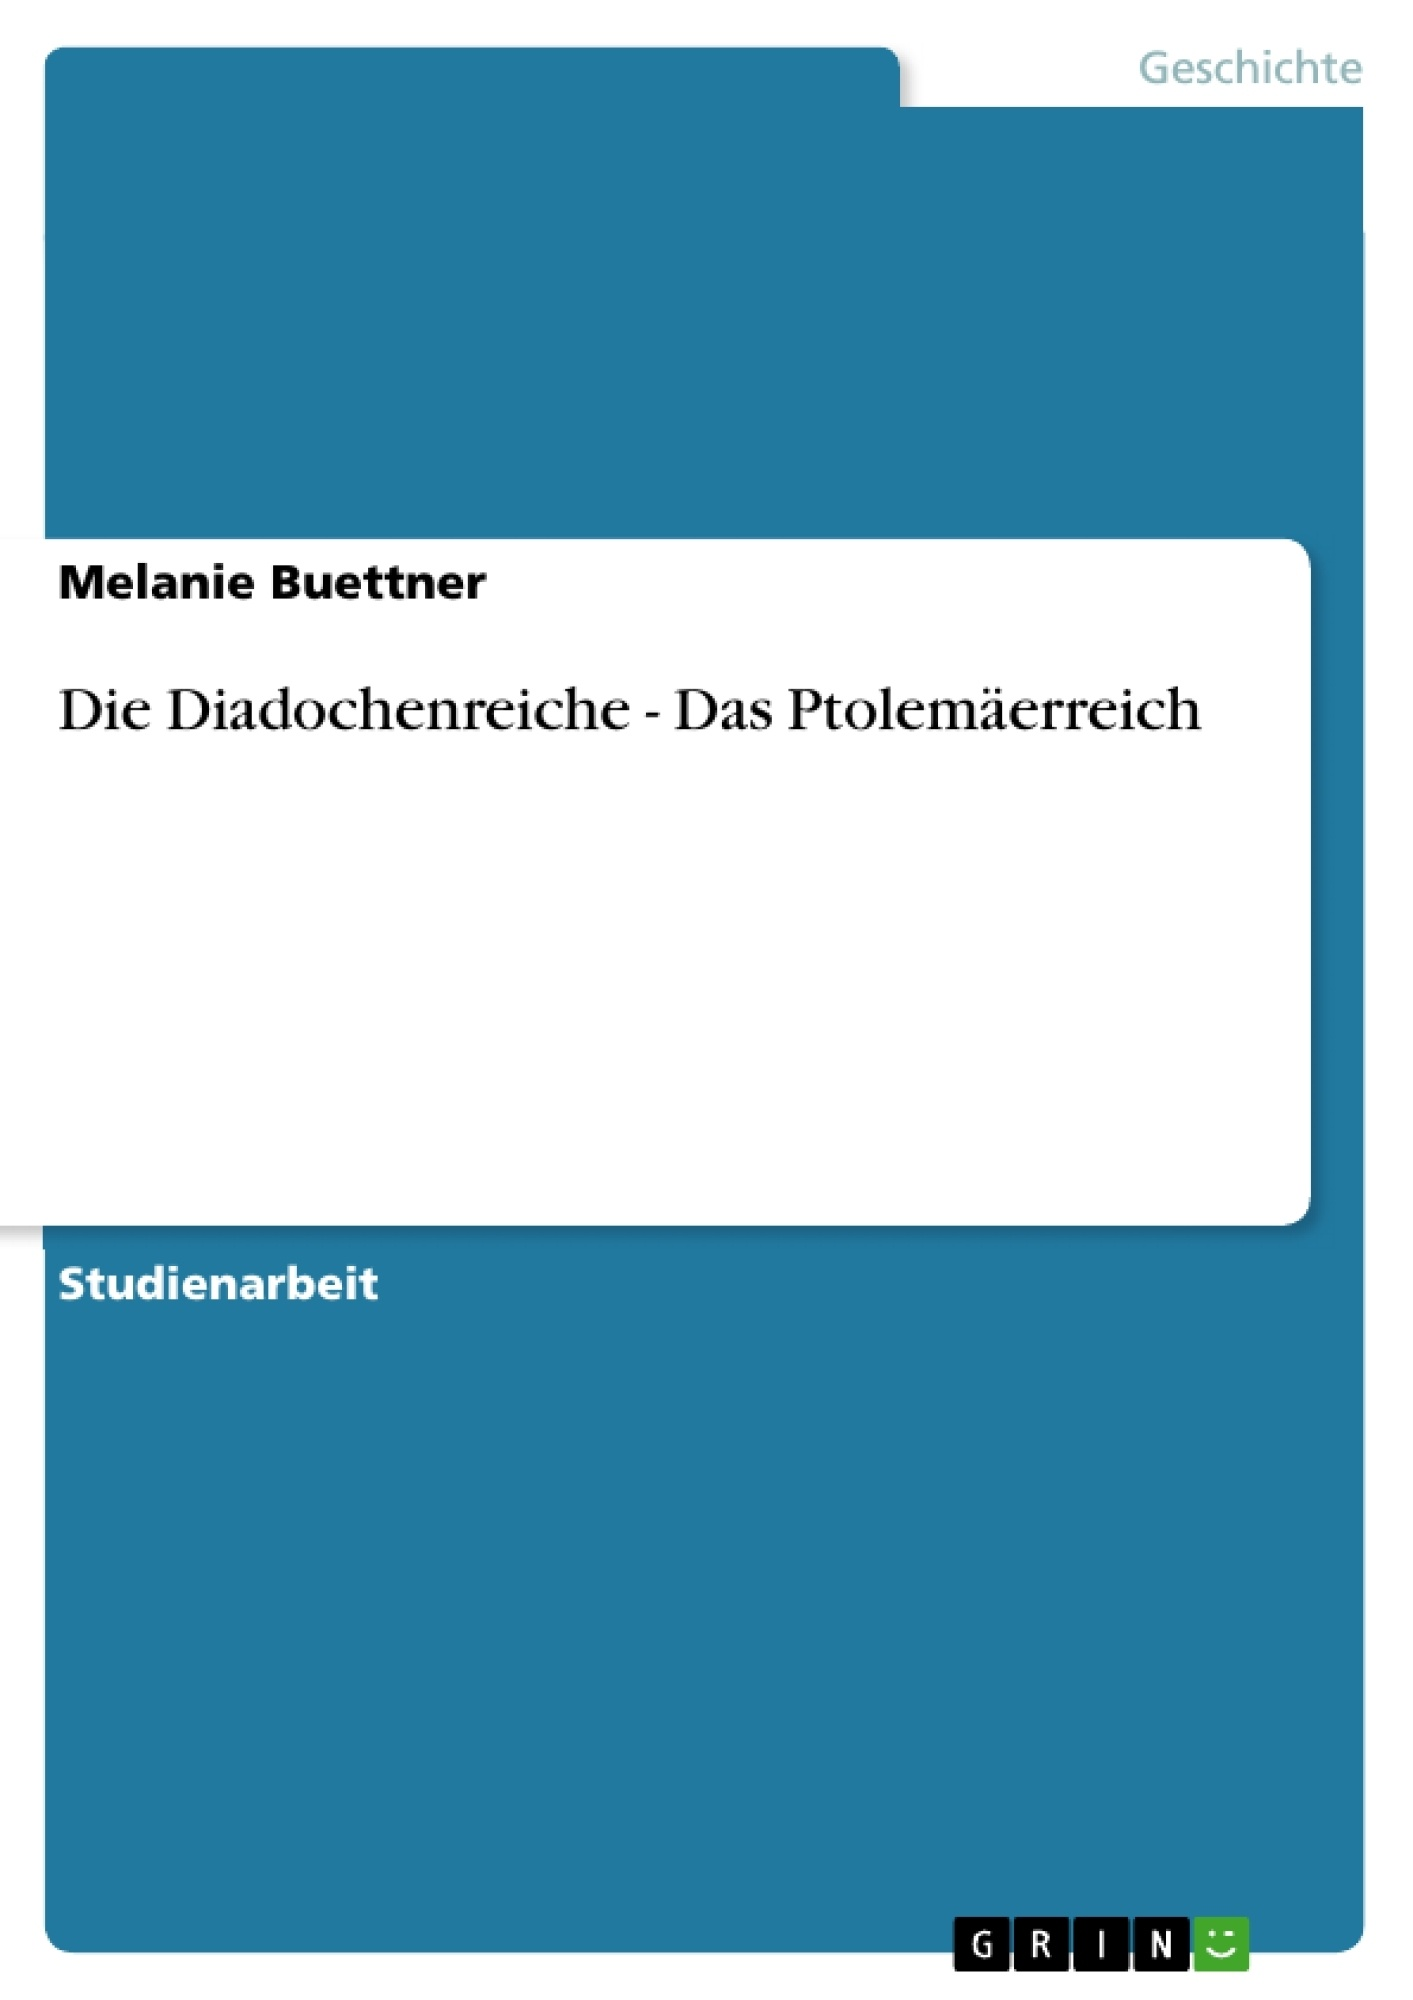 Titel: Die Diadochenreiche - Das Ptolemäerreich